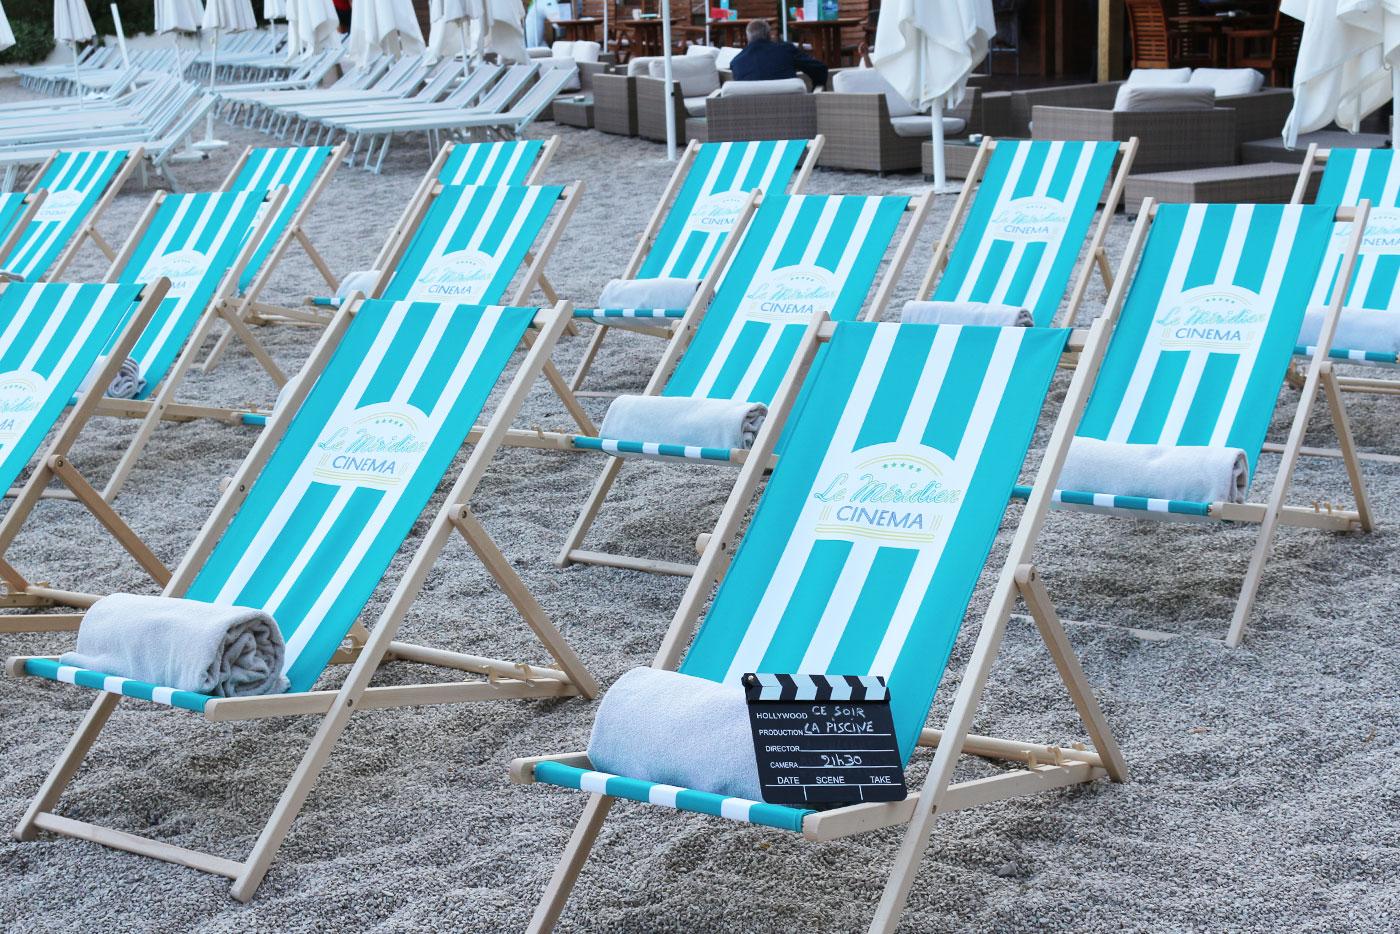 montecarlo cinema in spiaggia